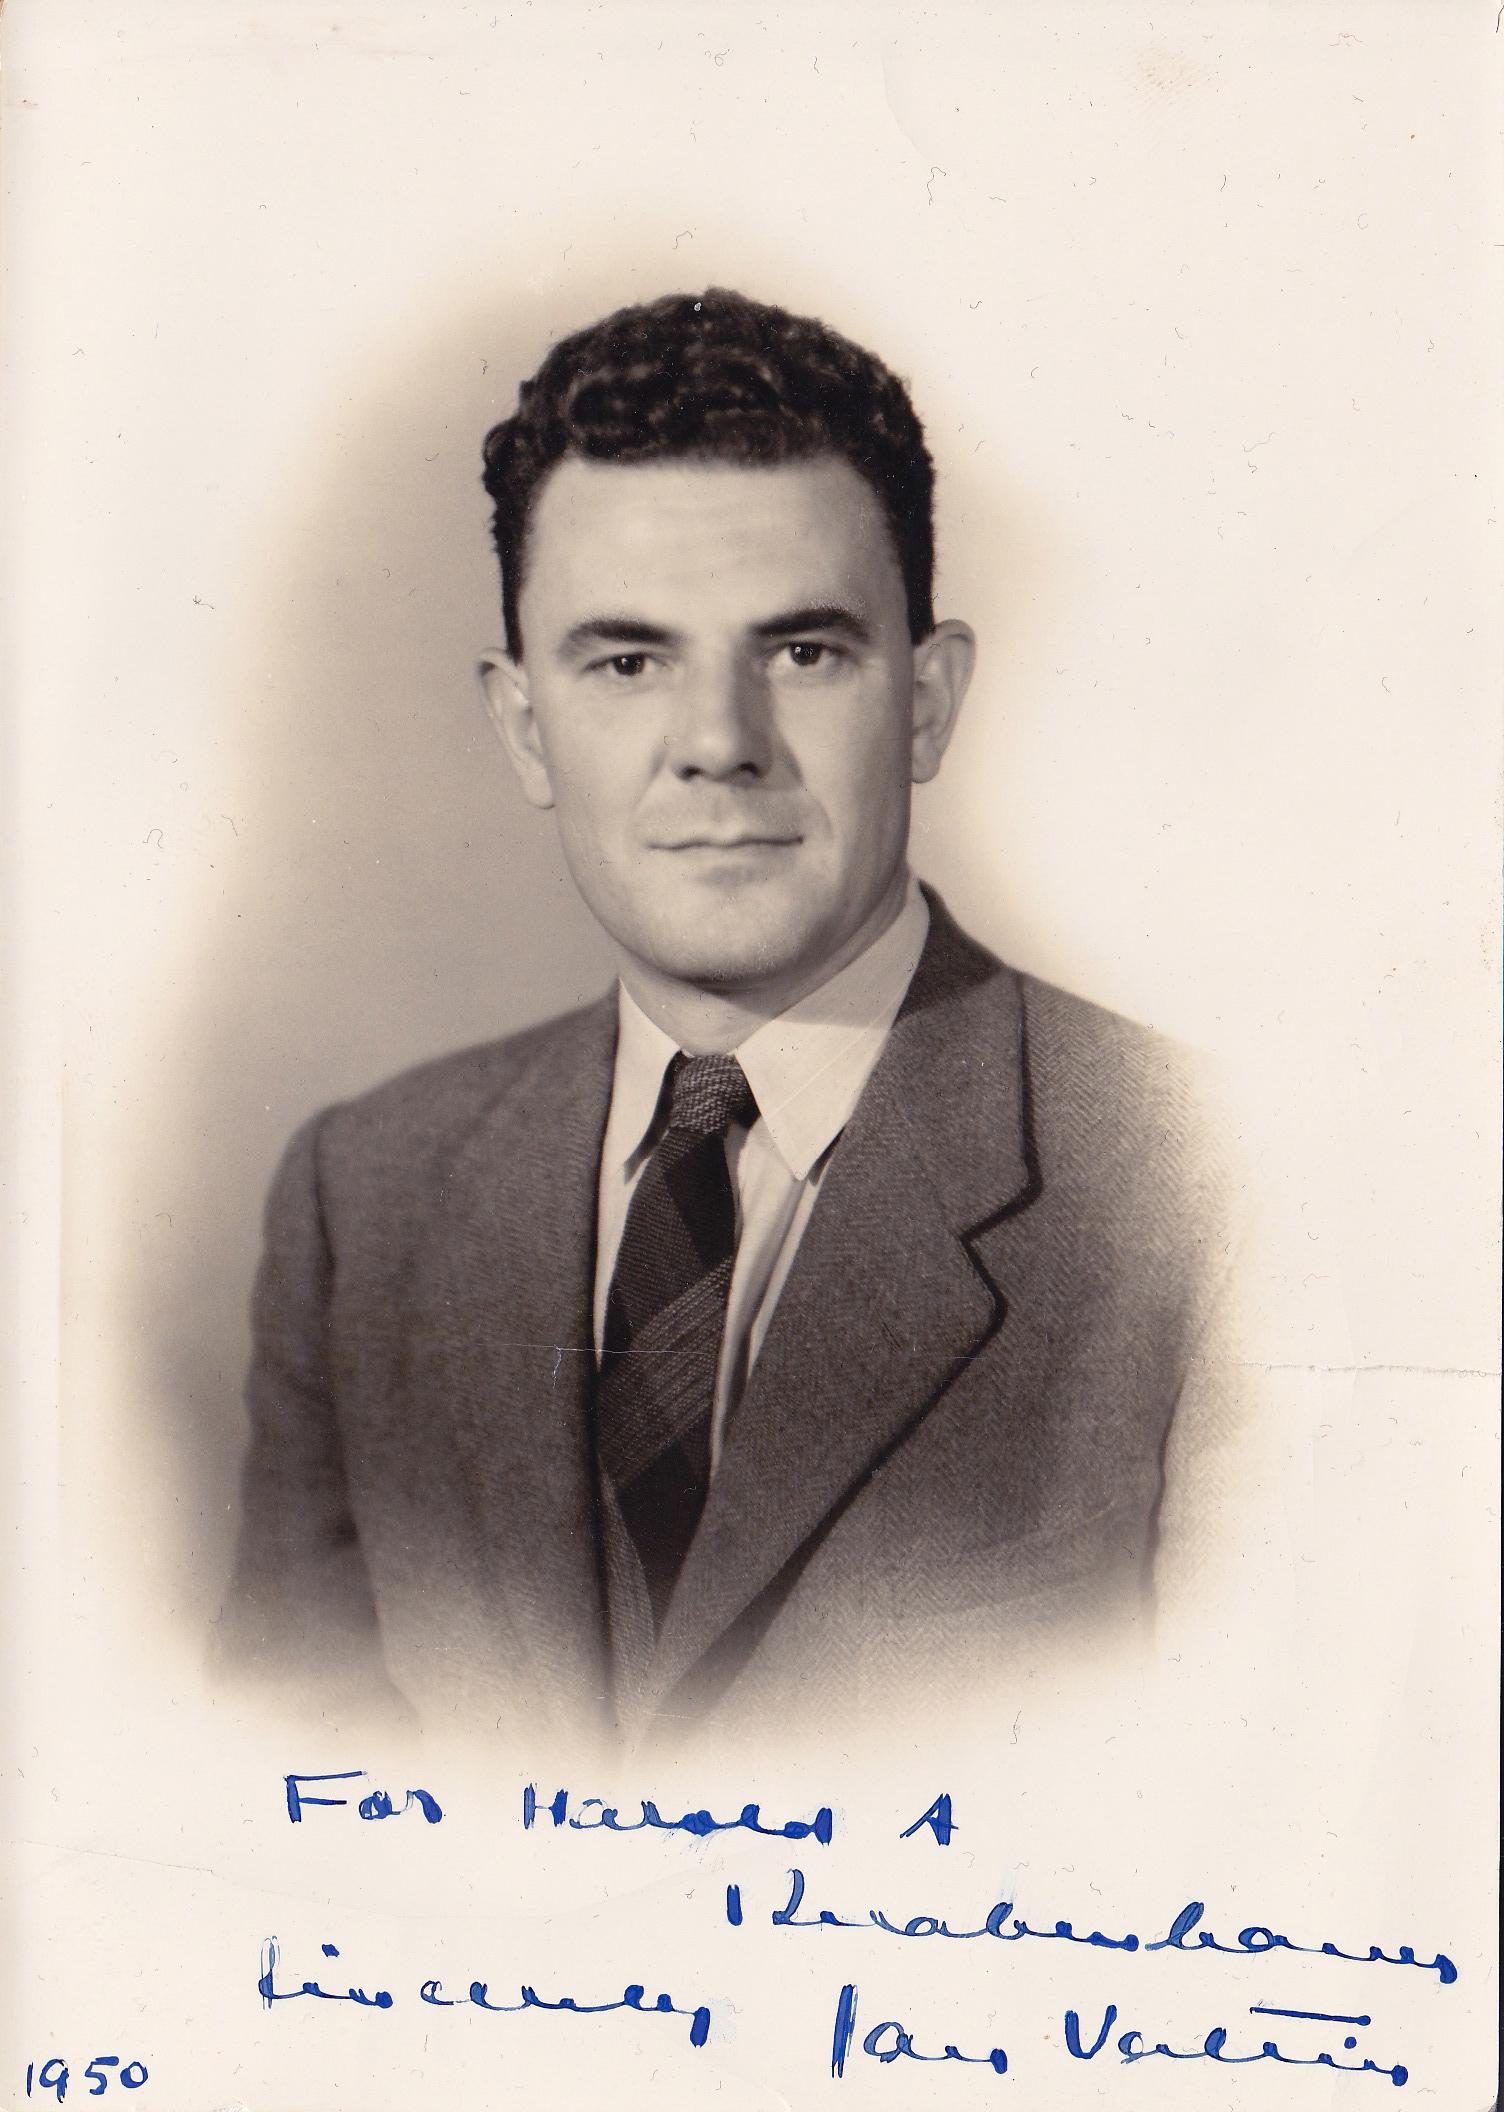 Jan Valtin in 1950